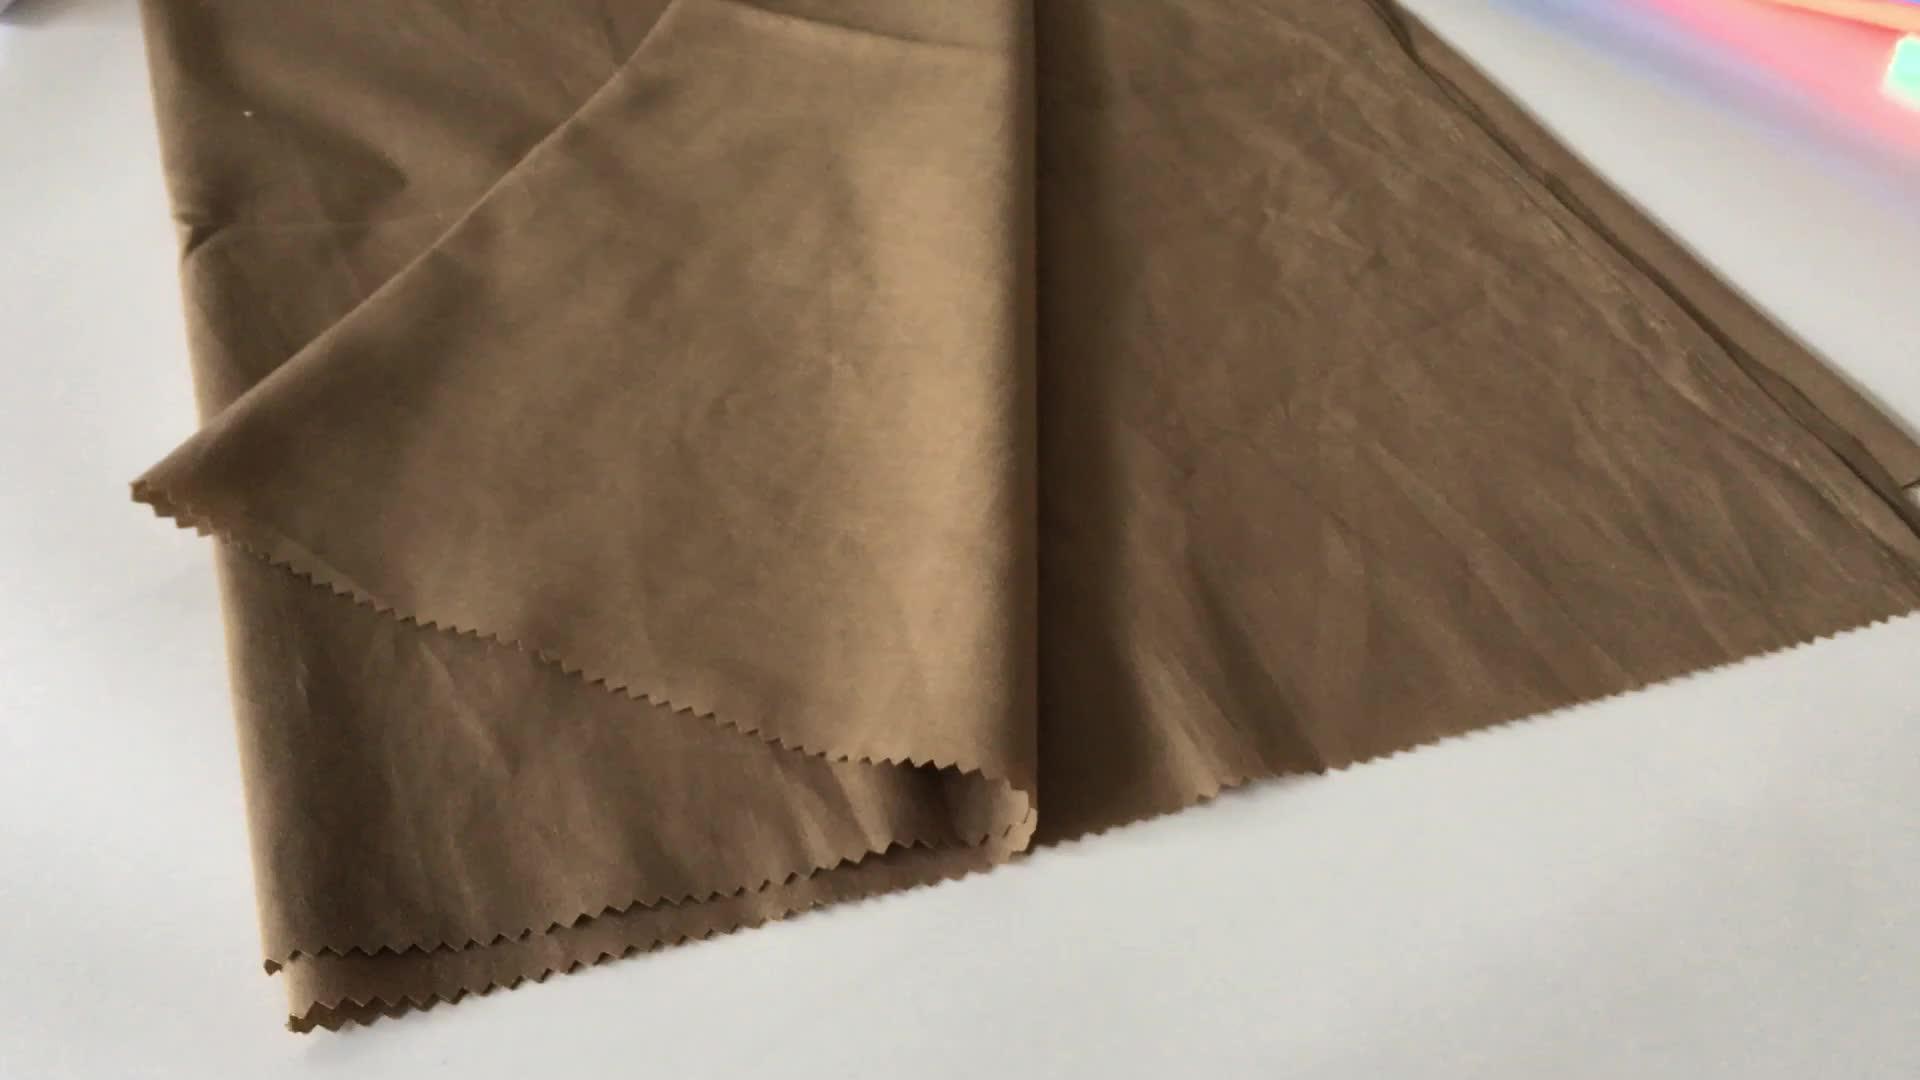 Tissu de poche T/C 6535 polyester & coton coloré poche vêtement doublure de poche